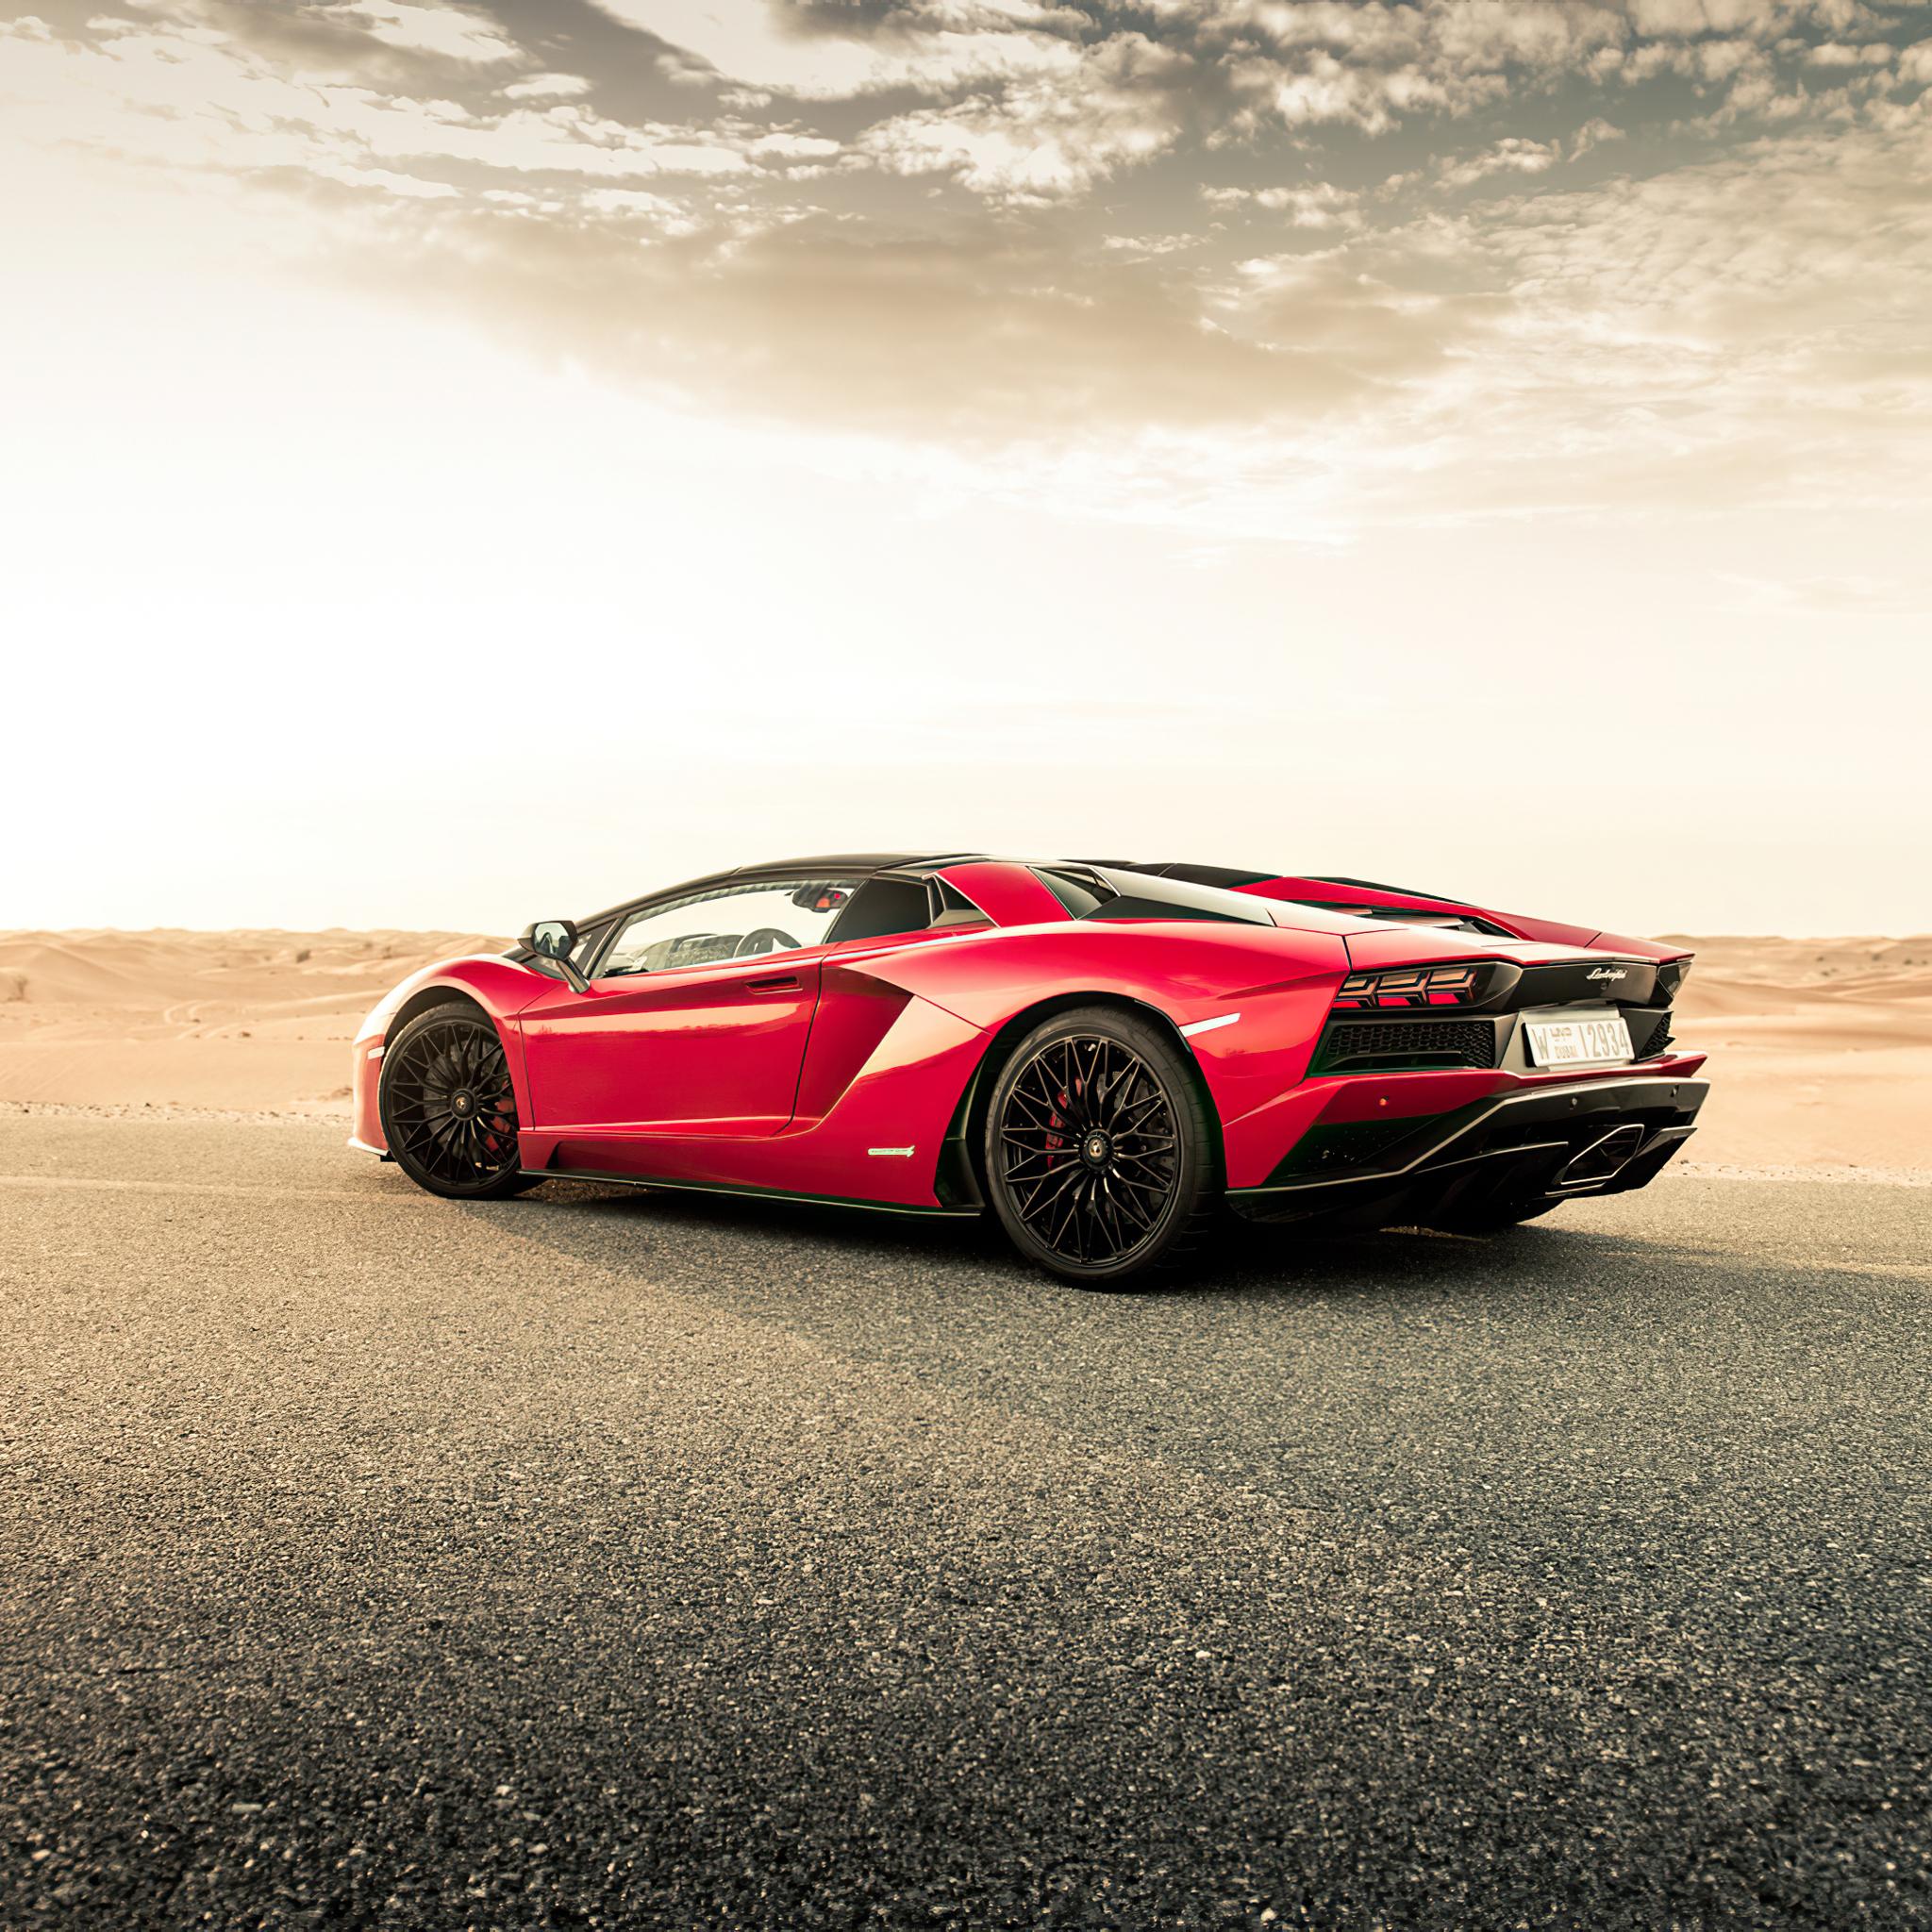 2048x2048 Red Lamborghini Aventador 2020 Ipad Air HD 4k ...